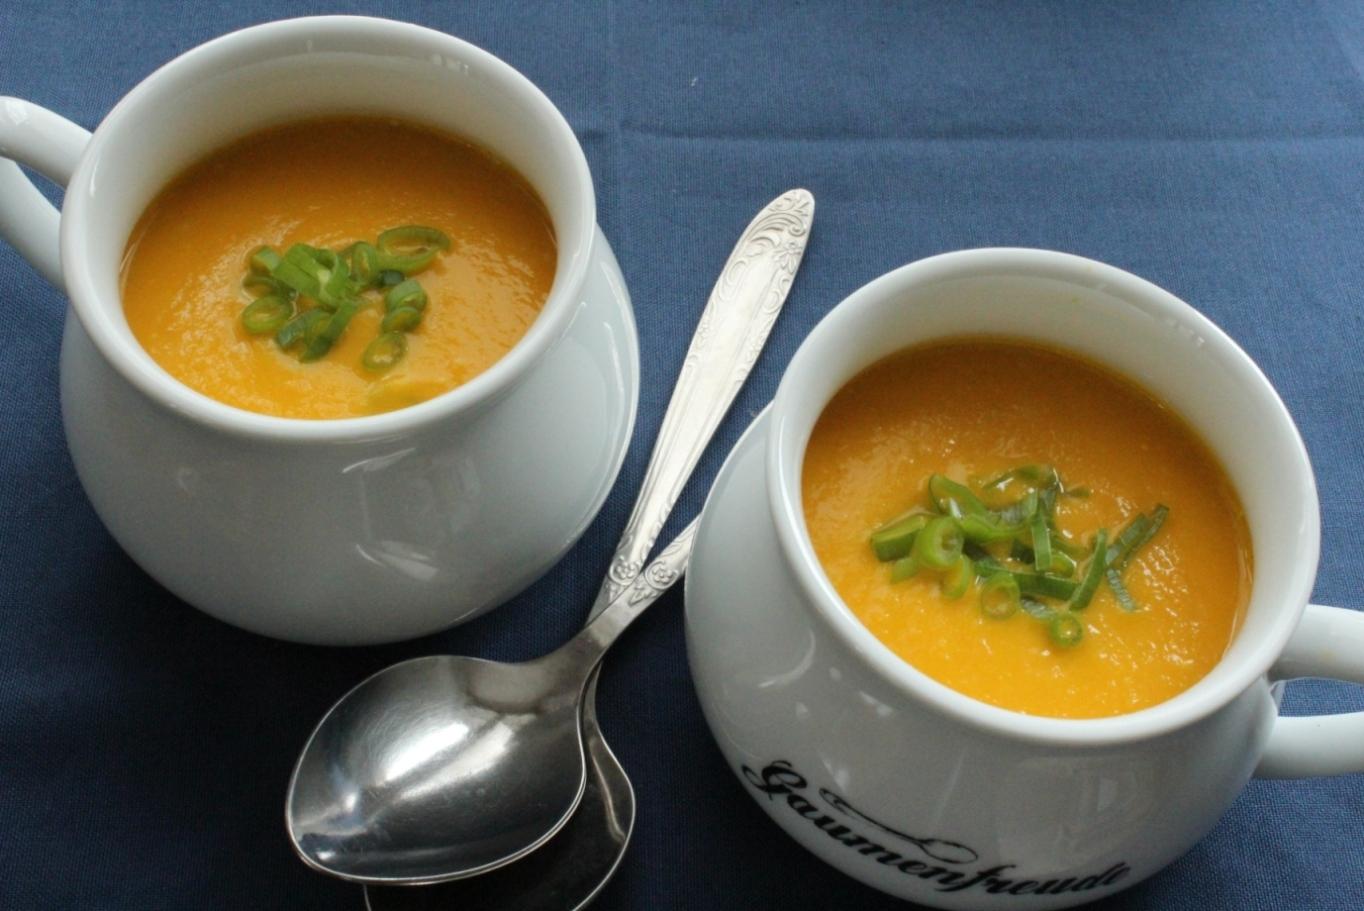 Lime or Lemon?: Carrot and Rutabaga (swede) soup with lime